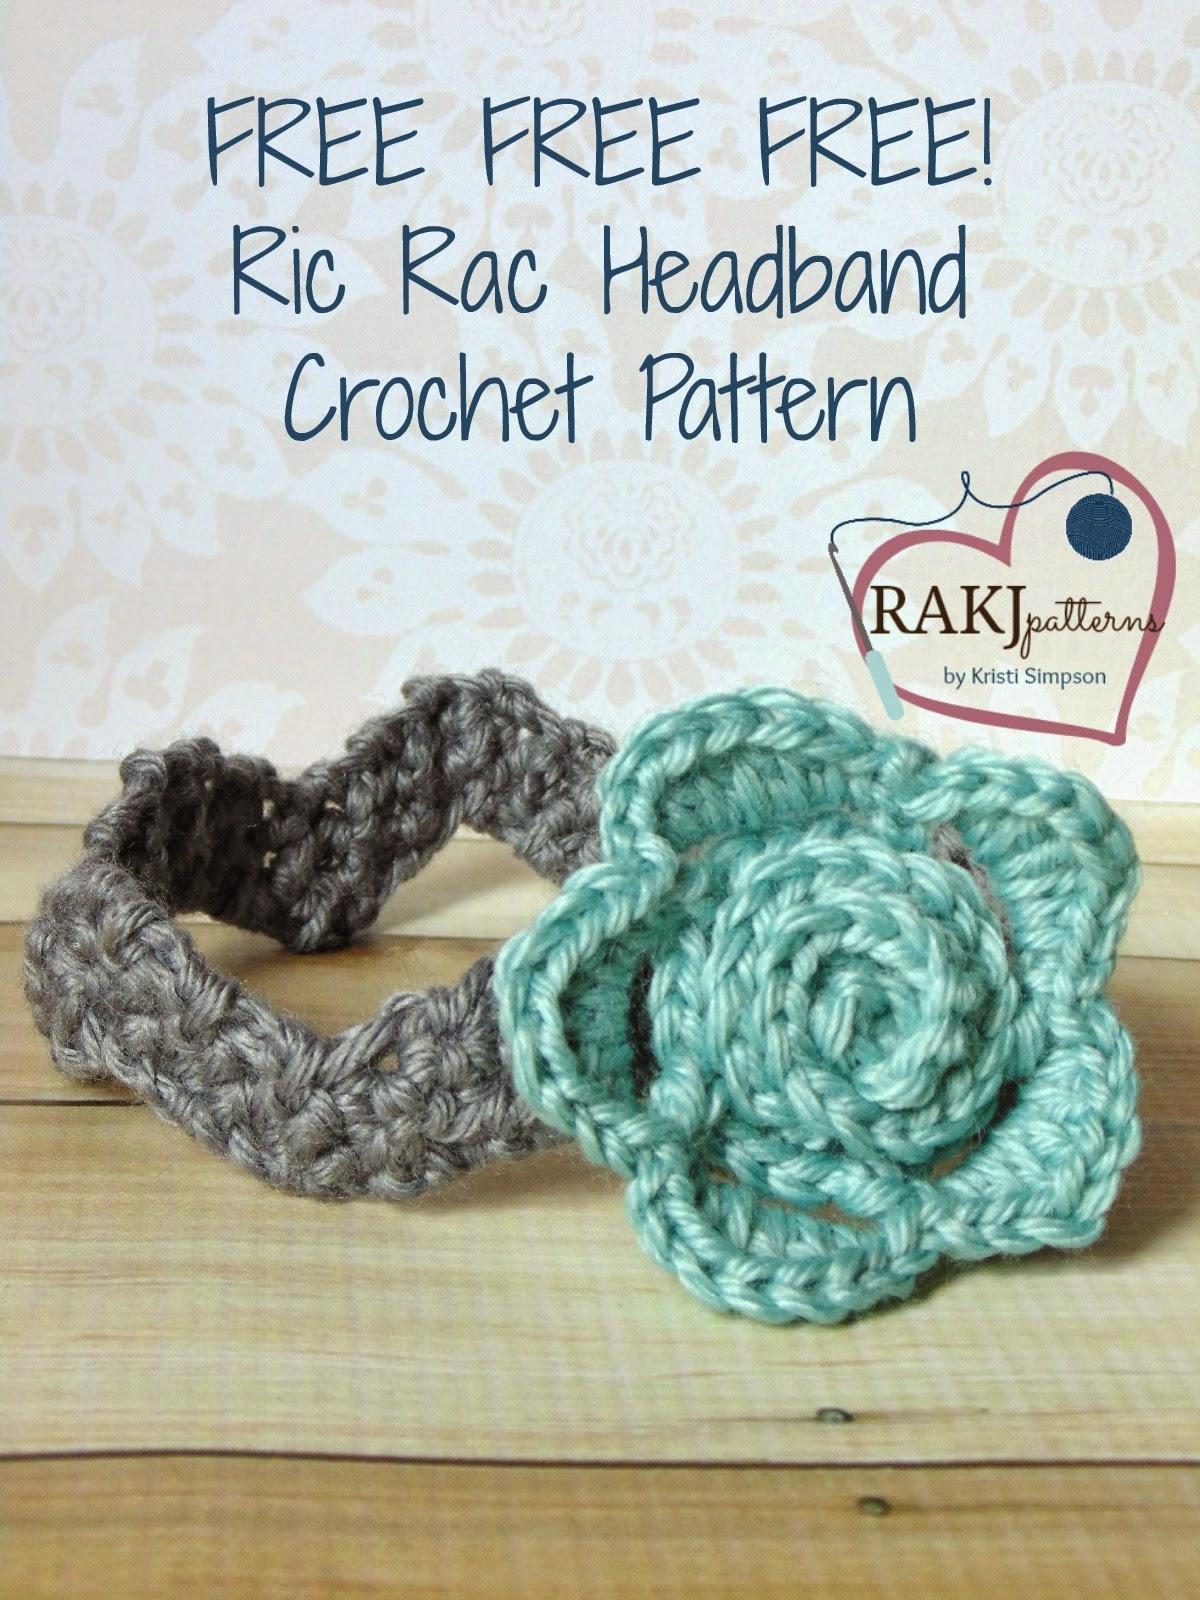 www.RAKJpatterns.com, ric rac headband, crochet pattern, FREE crochet pattern